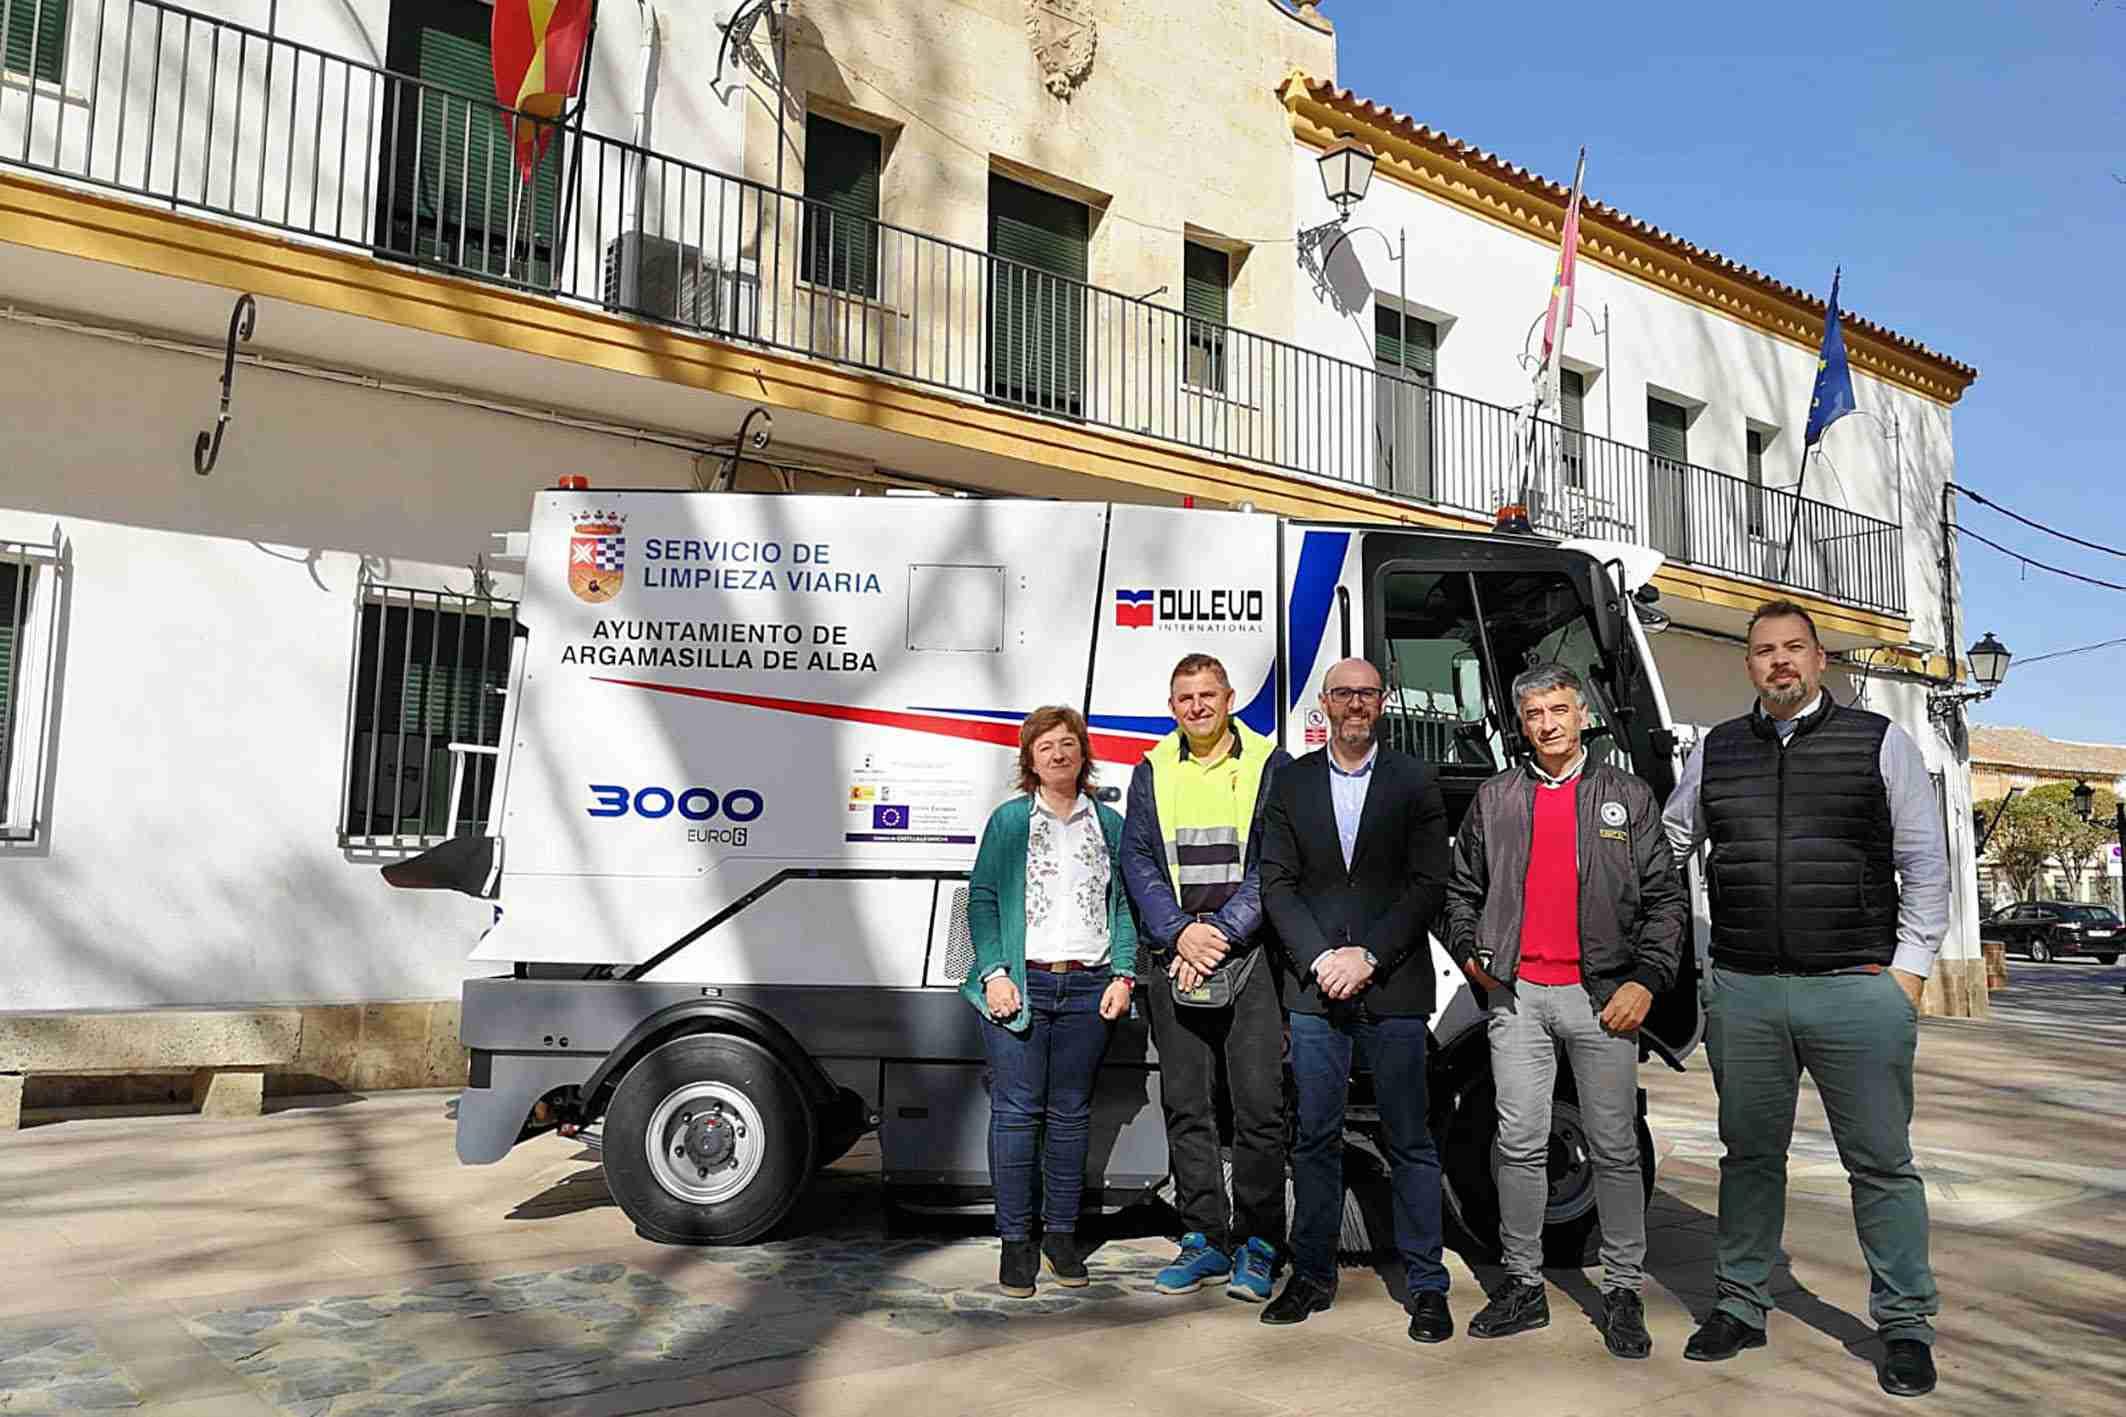 El Ayuntamiento de Argamasilla de Alba cuenta con una nueva máquina barredora 1